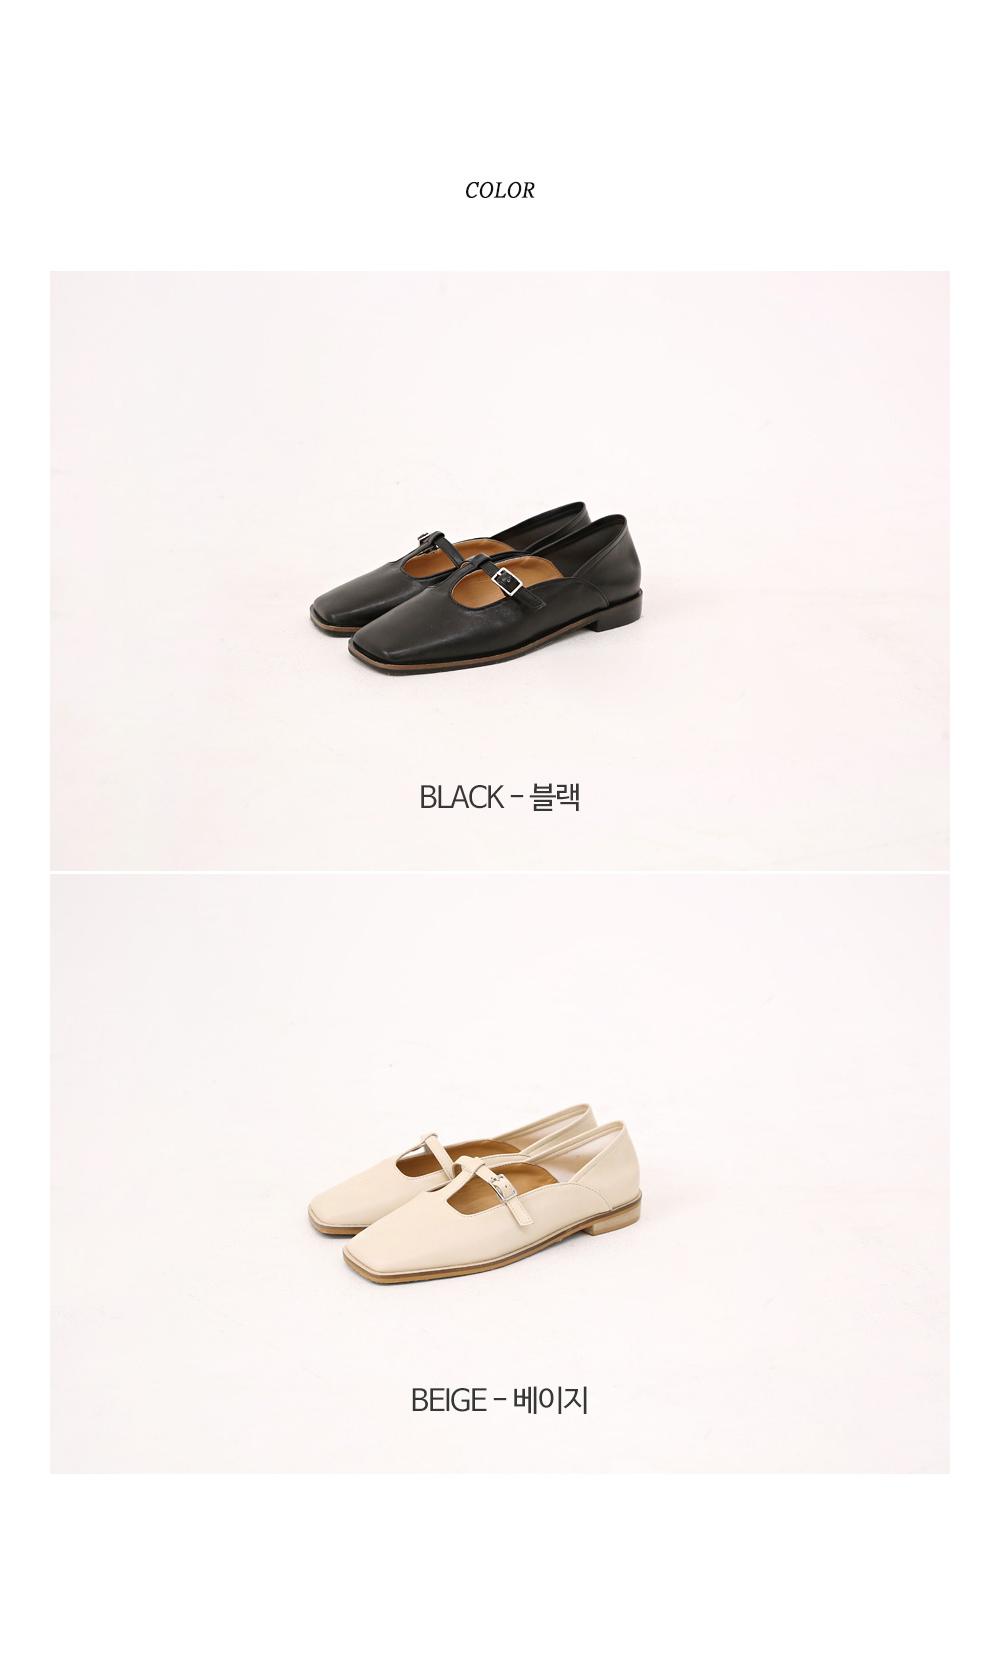 신발 화이트 색상 이미지-S1L15